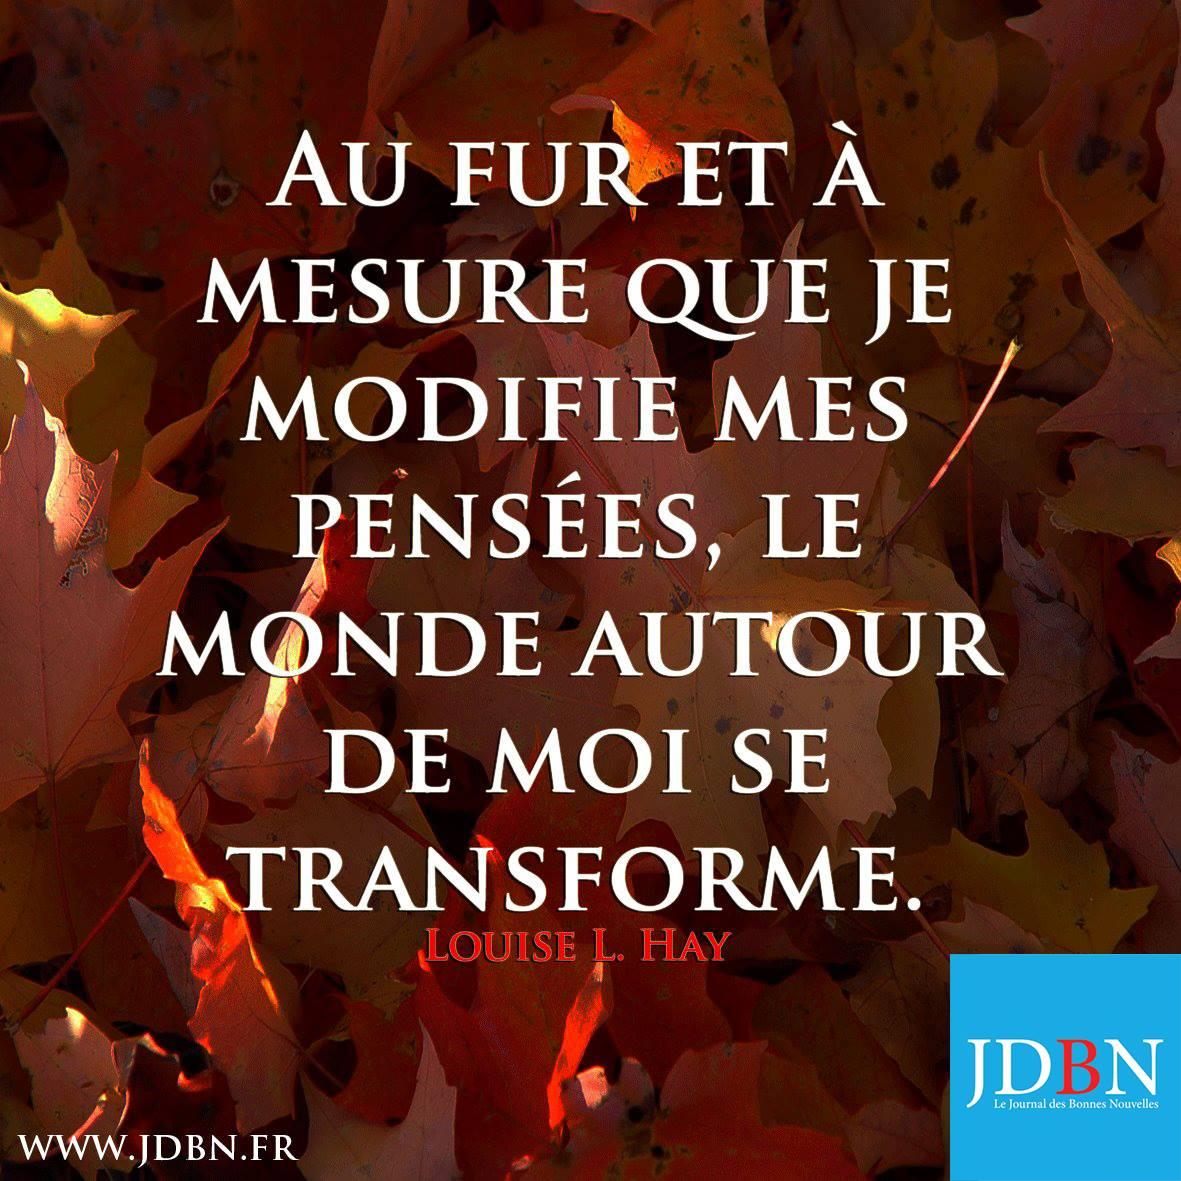 Bon Vendredi 12 Octobre à toutes et à tous de la part du JDBN